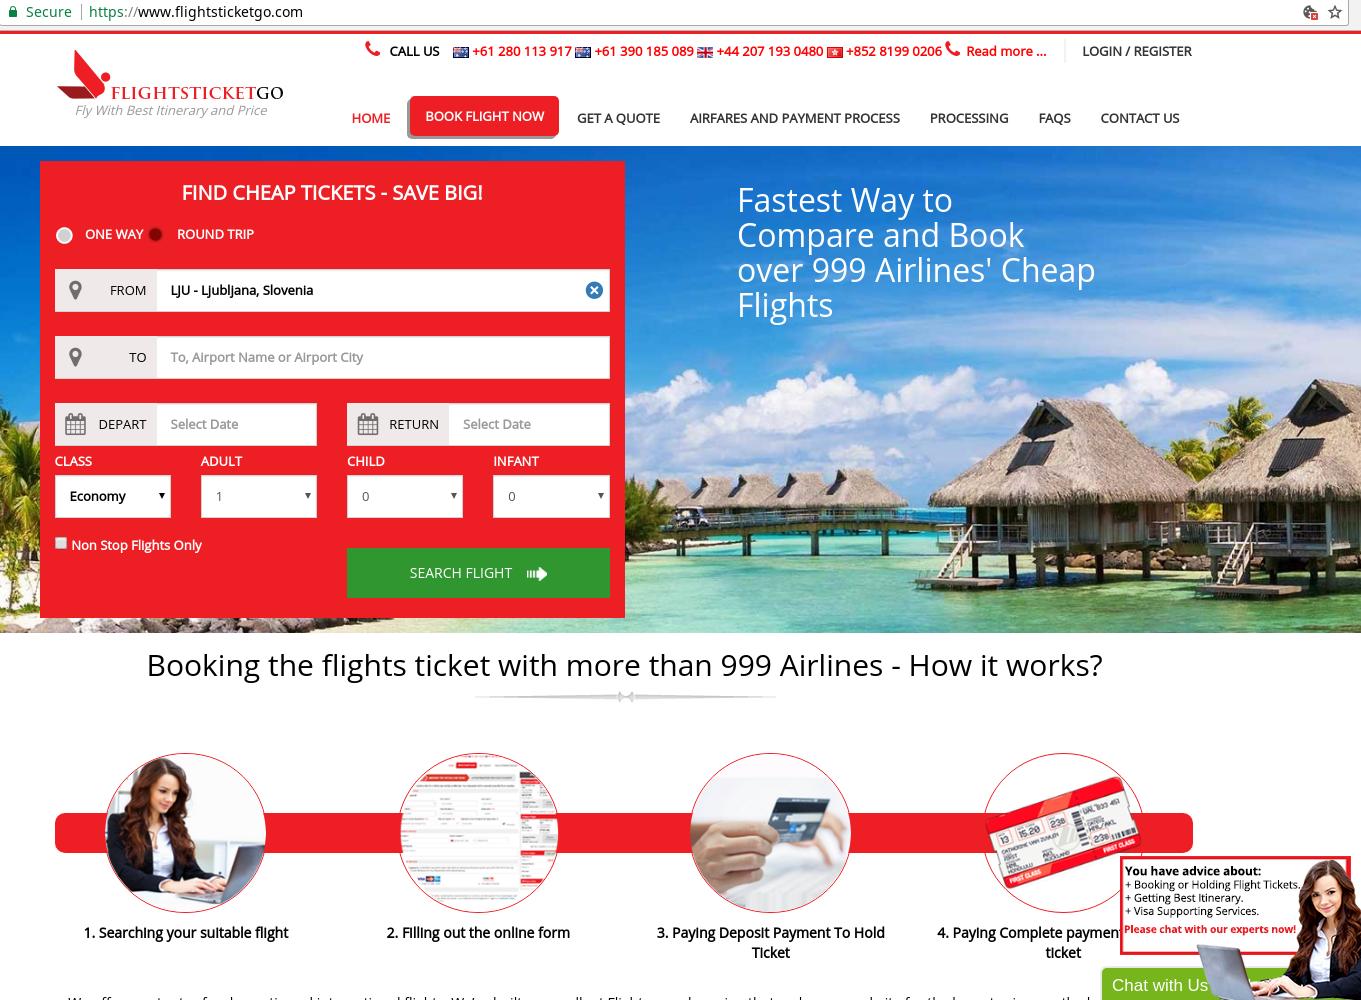 Spletna stran flightsticketgo, kjer naj bi ponujali zelo ugodne letalske karte